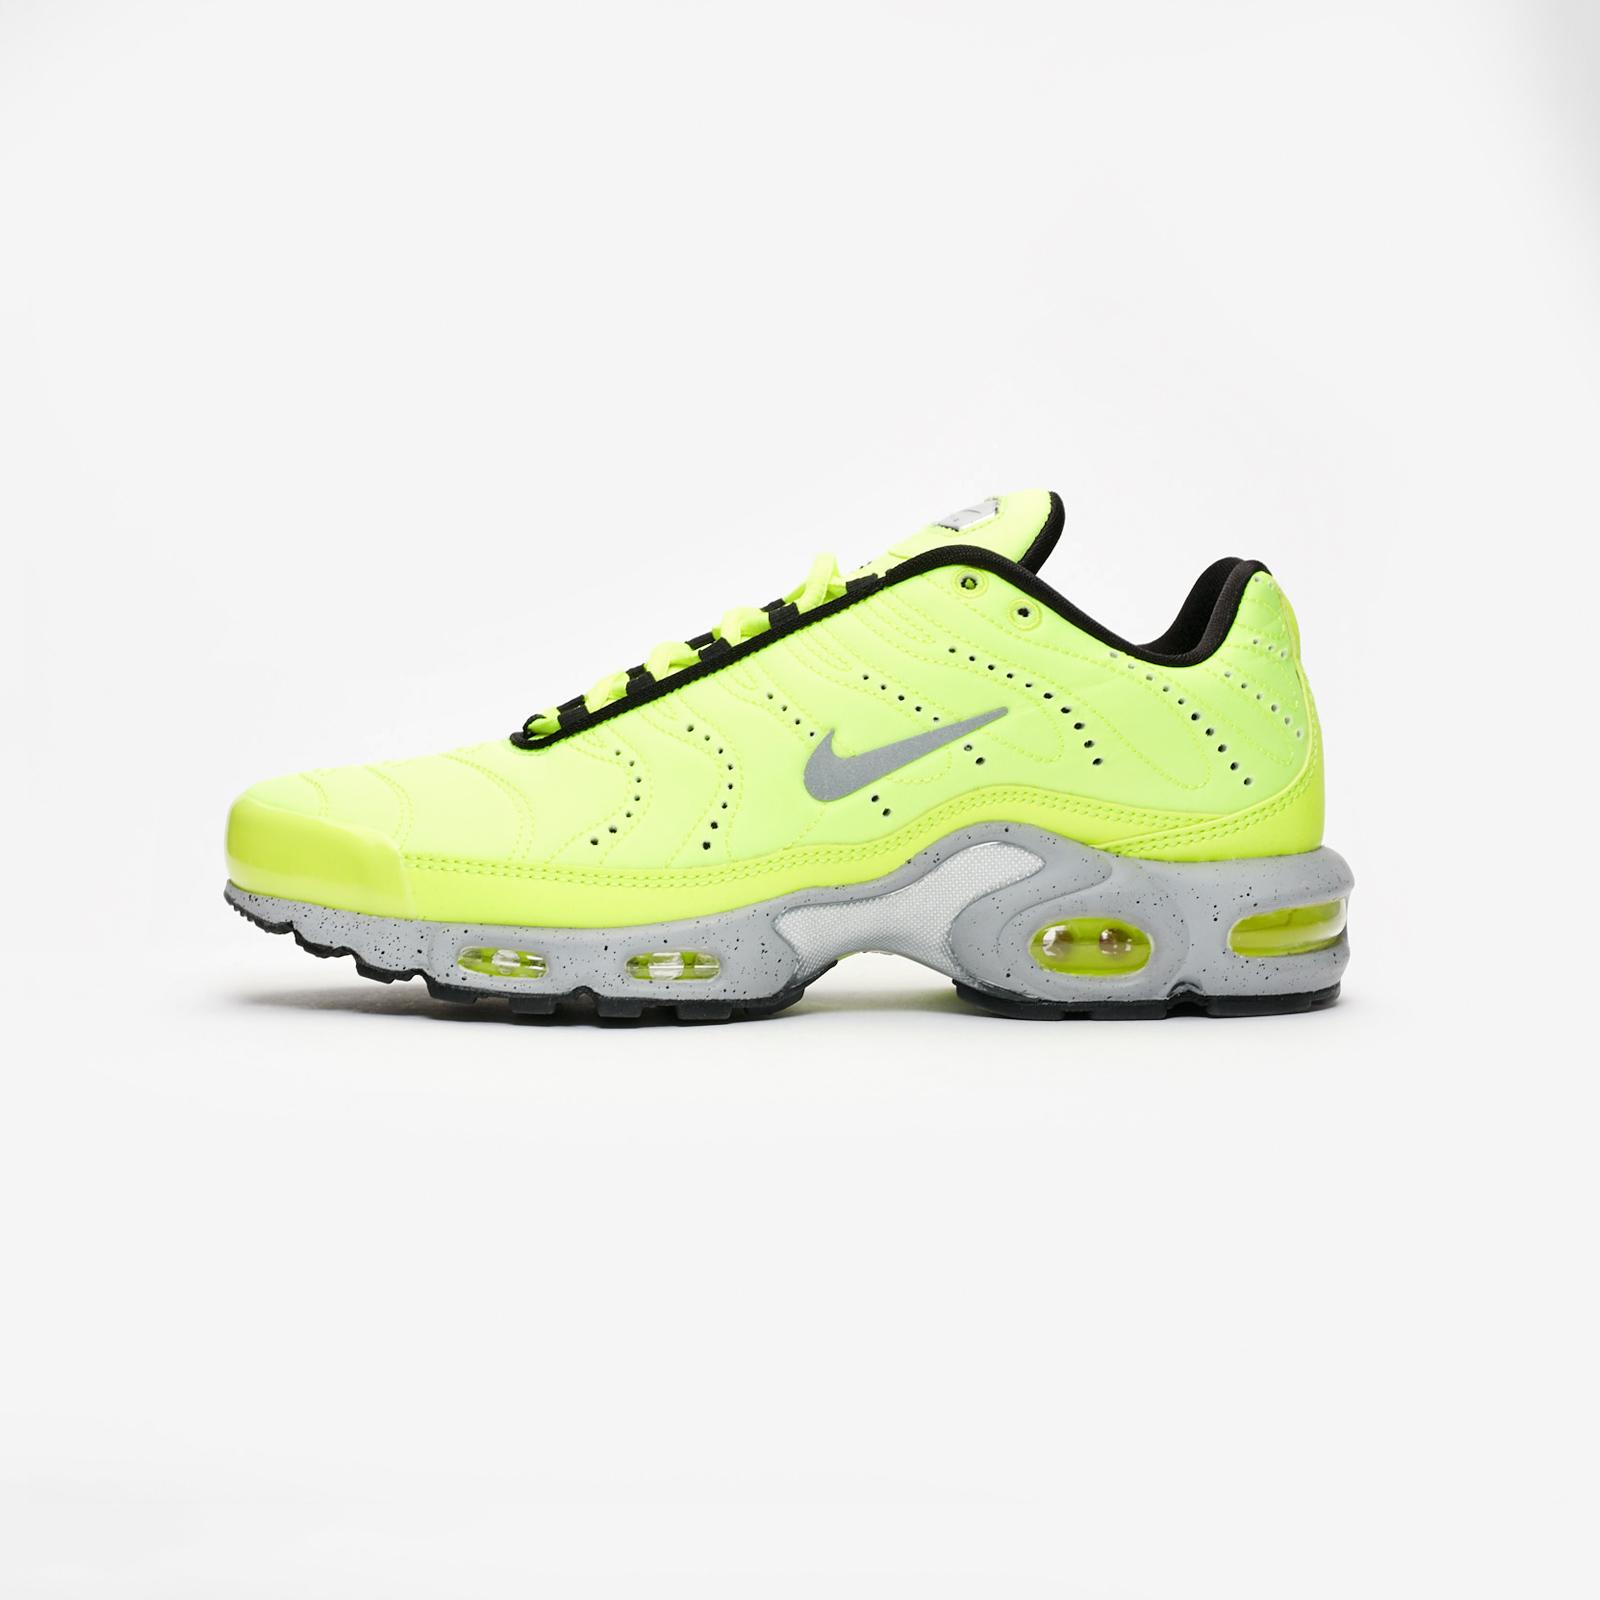 a767557fe5 Nike Air Max Plus Premium - 815994-700 - Sneakersnstuff | sneakers &  streetwear online since 1999